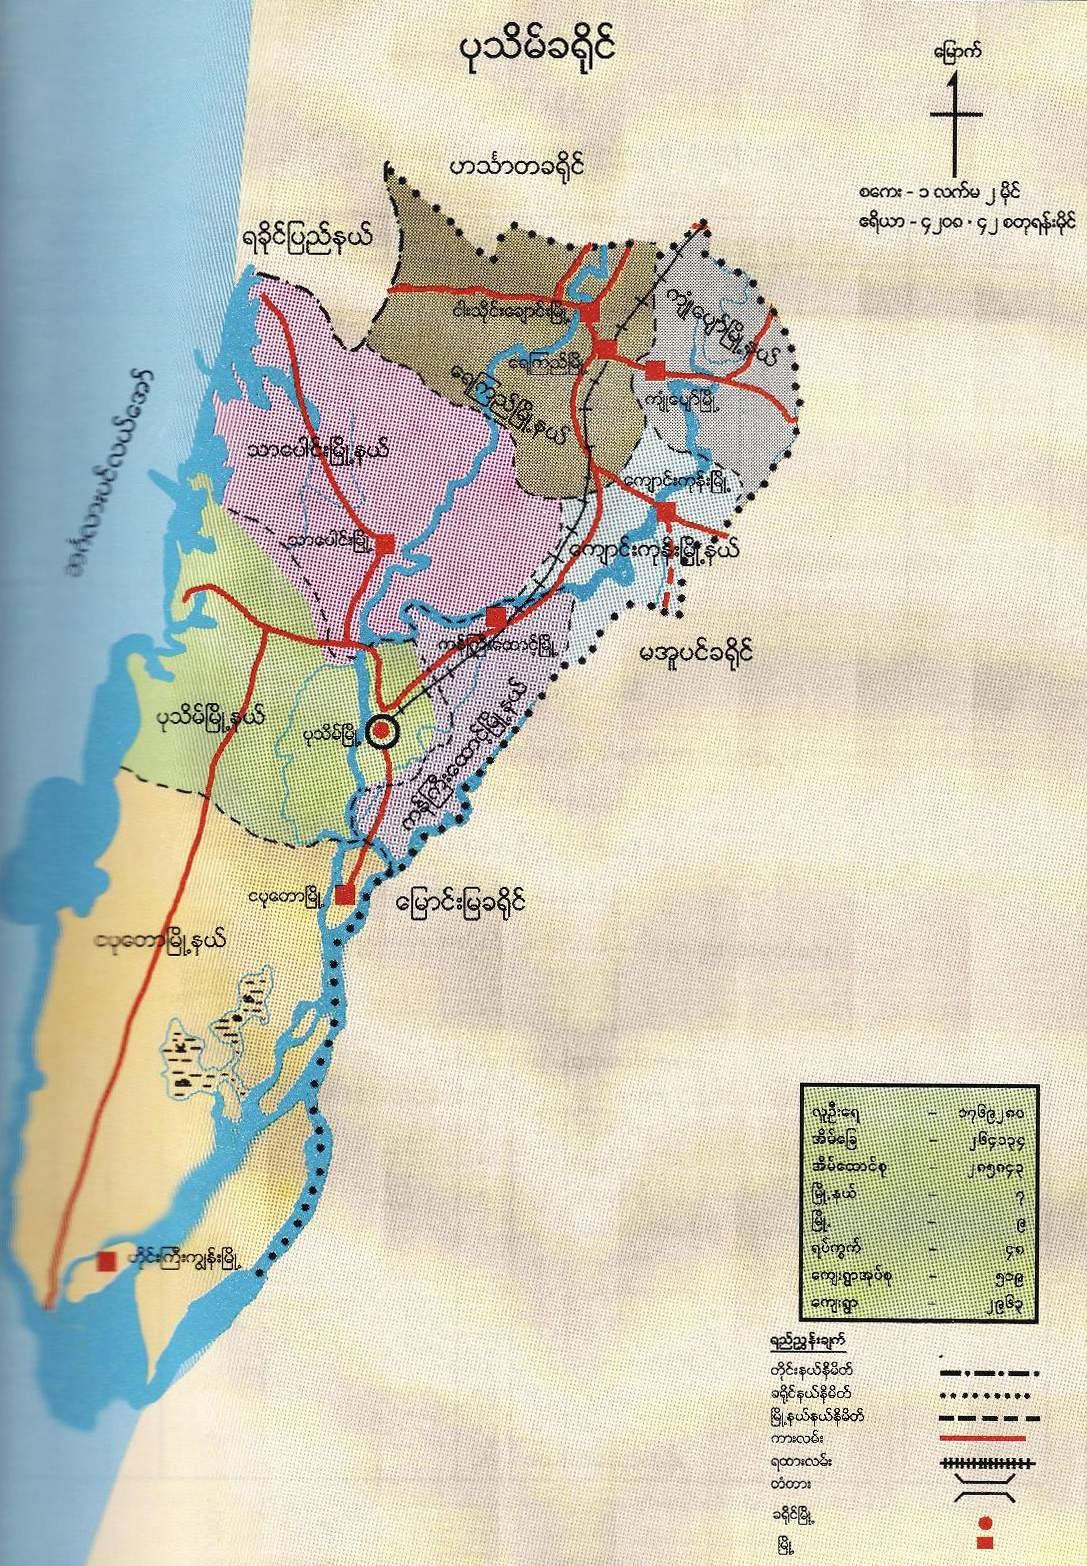 Birmanie Carte Regions.Carte Regions Birmanie Carte Des Regions De Birmanie